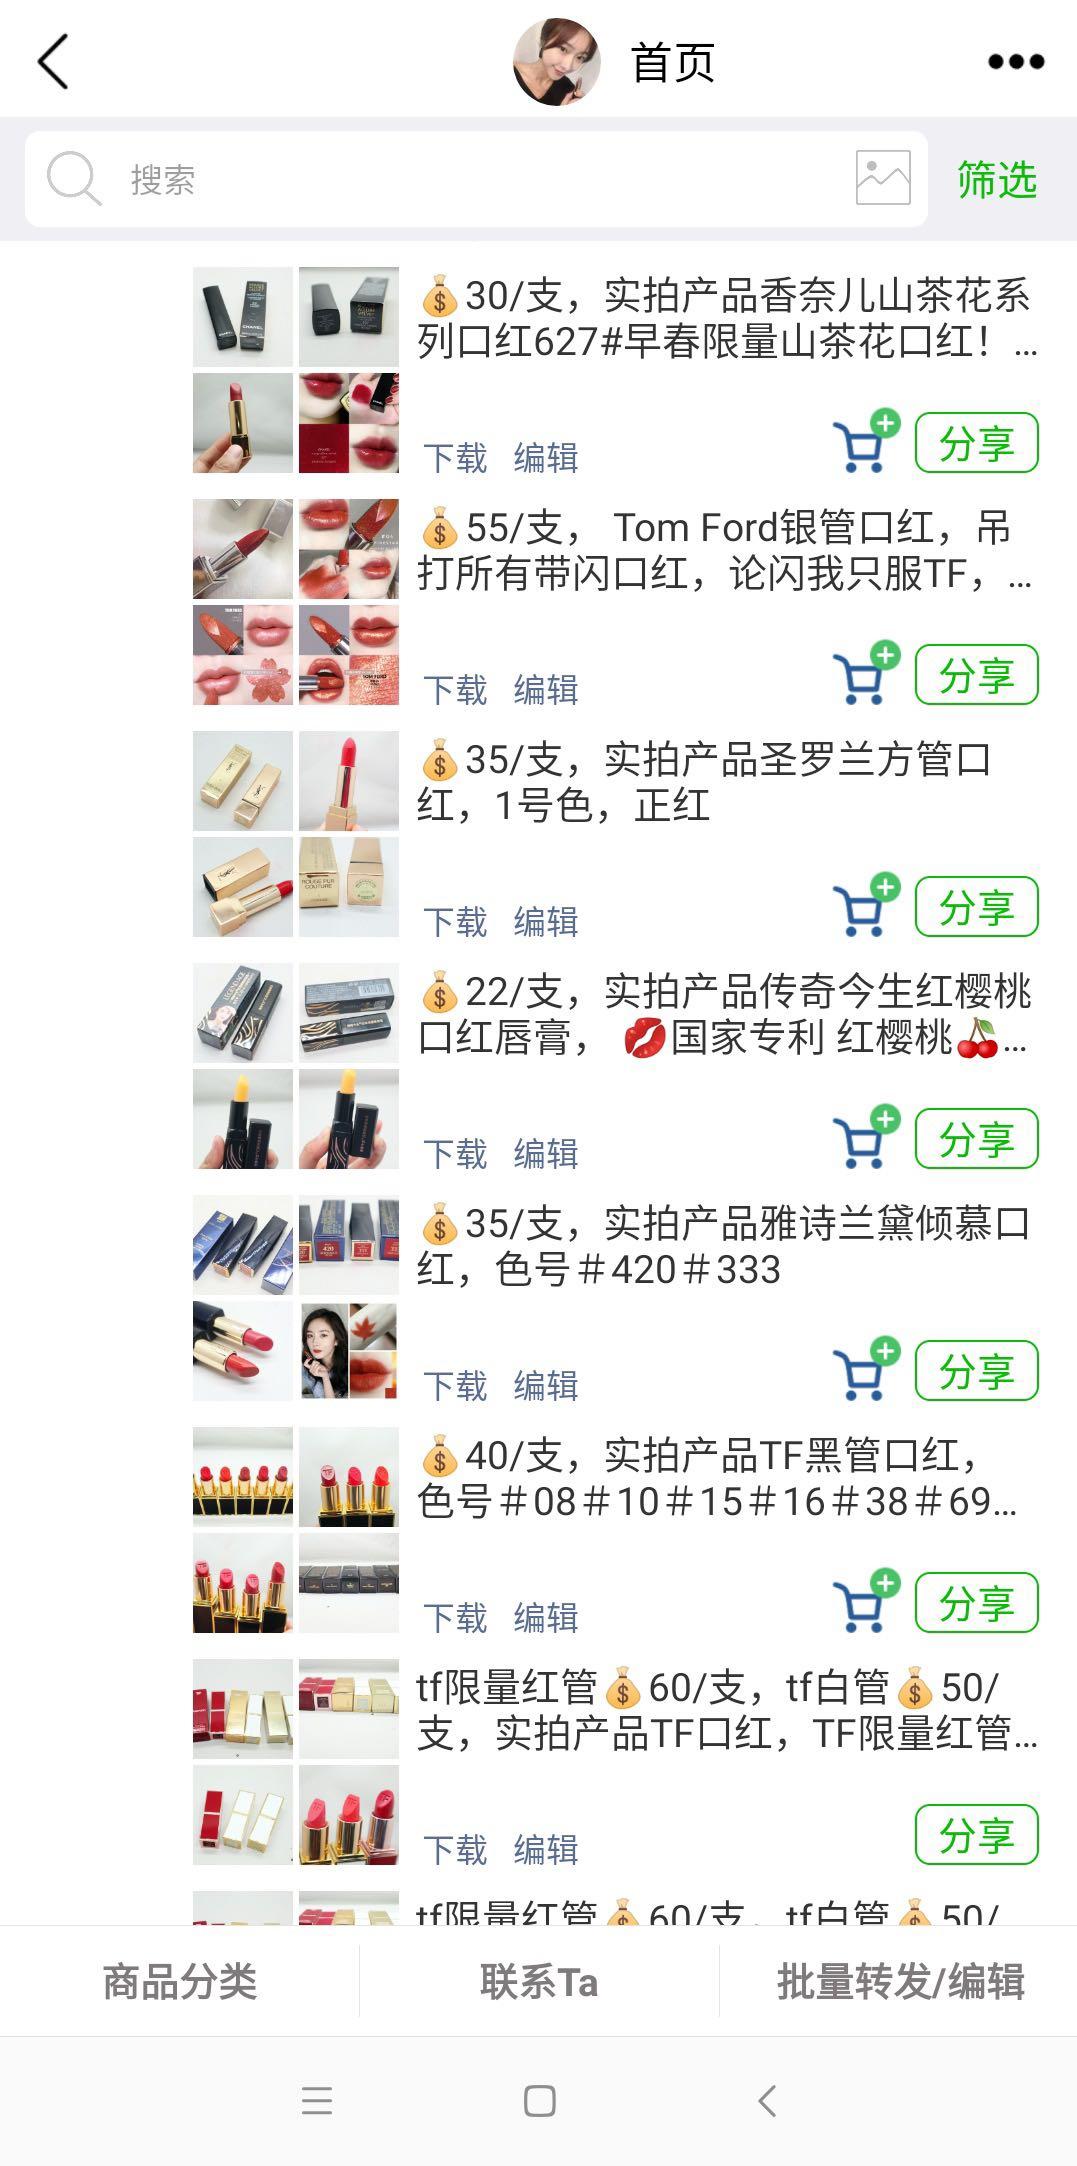 """一名微信昵称为""""美婷美妆""""的微商相册,声称""""货""""来自汕头潮南区,相册发布有各类低价仿制口红。"""